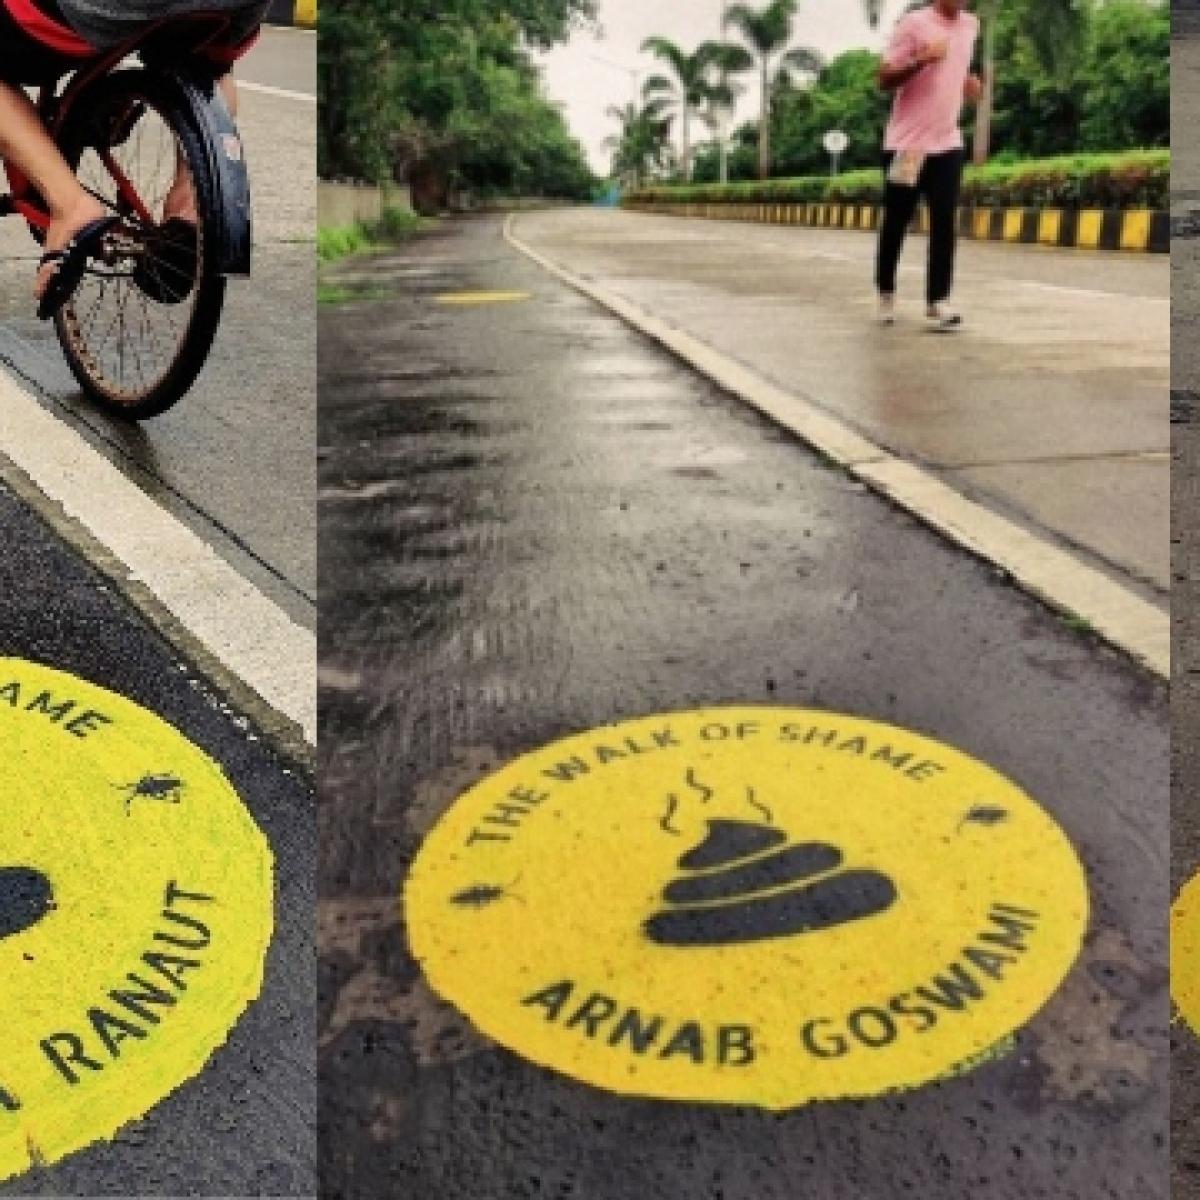 Kangana Ranaut, Arnab Goswami and Sudhir Chaudhary feature on Mumbai street artist's 'Walk of Shame'